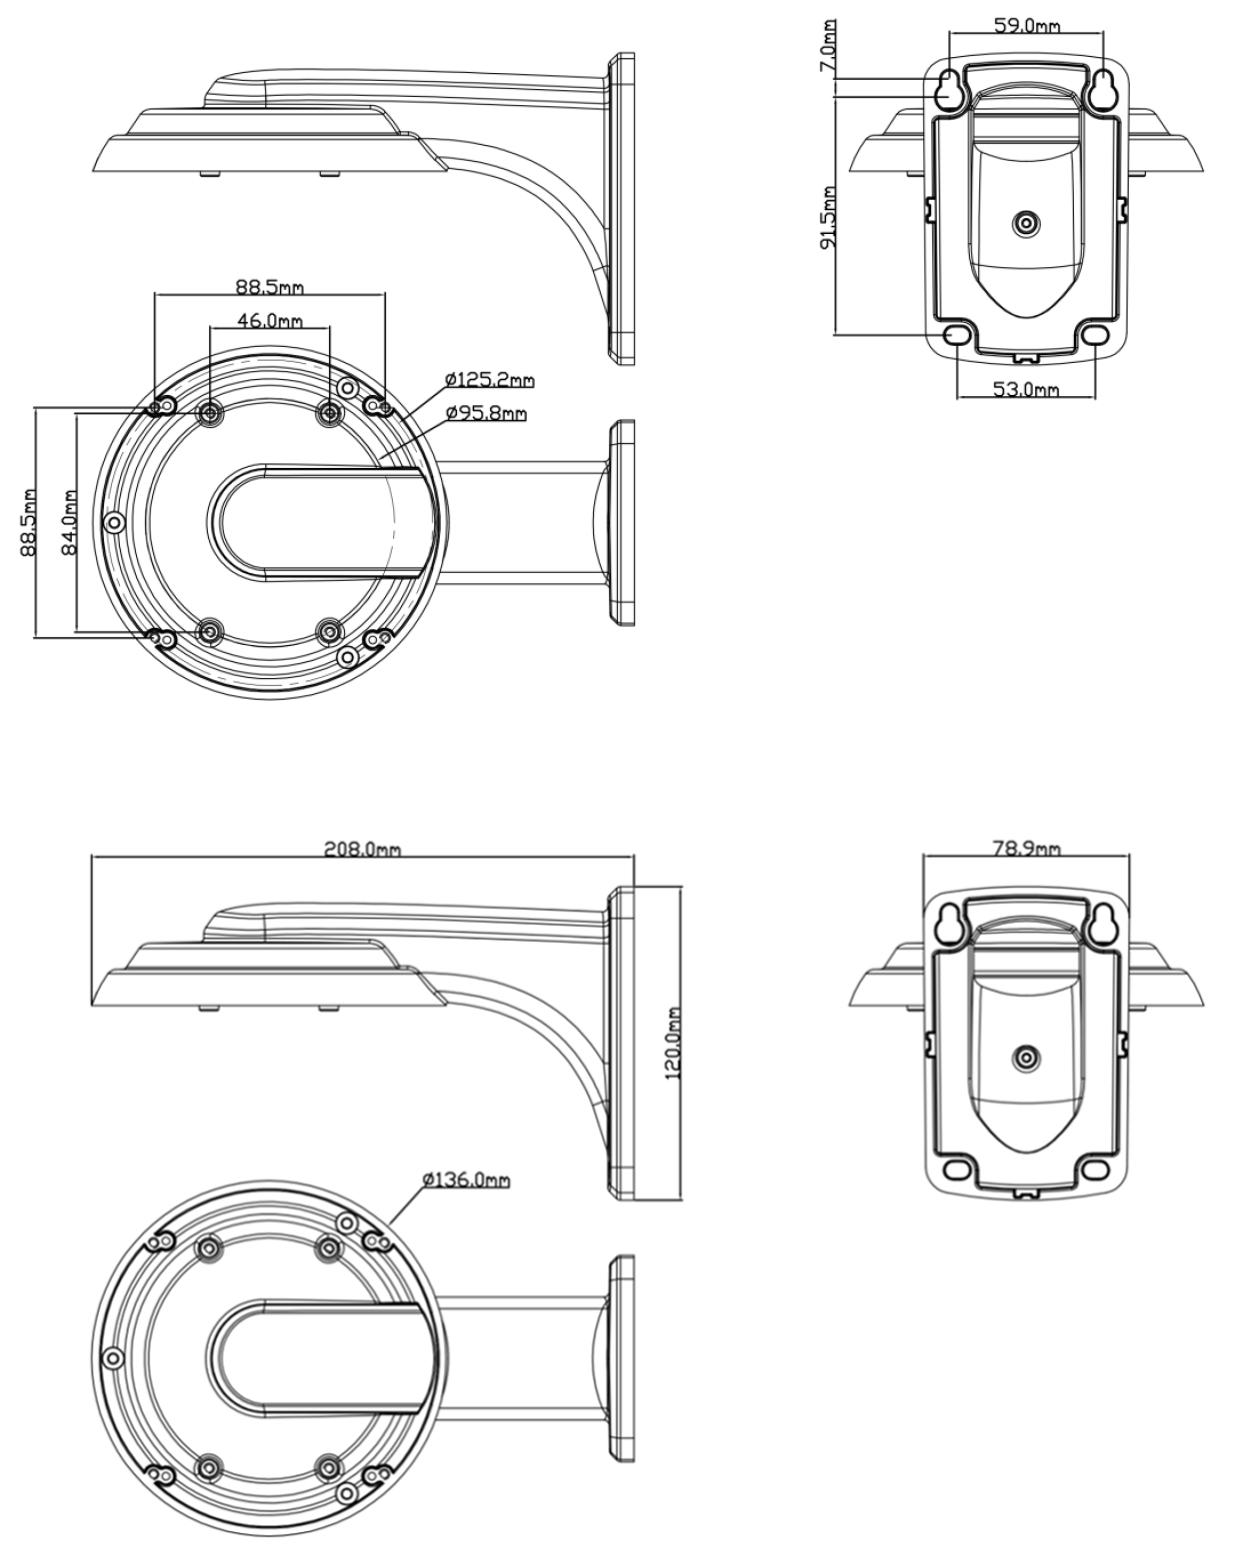 JB-202 - Wymiary uchwytu podane w milimetrach.